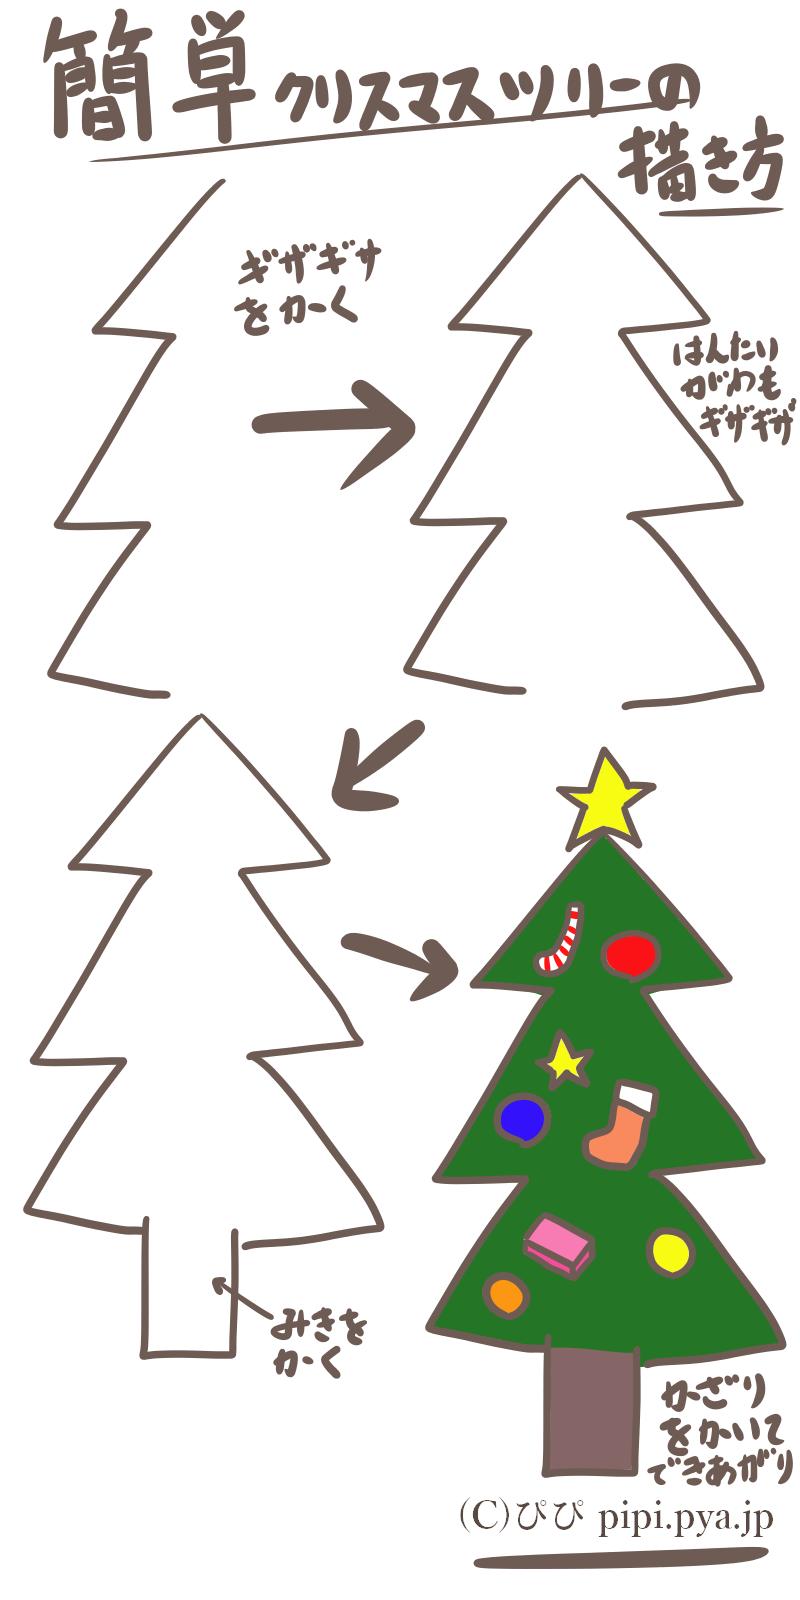 簡単なクリスマスツリーの書き方